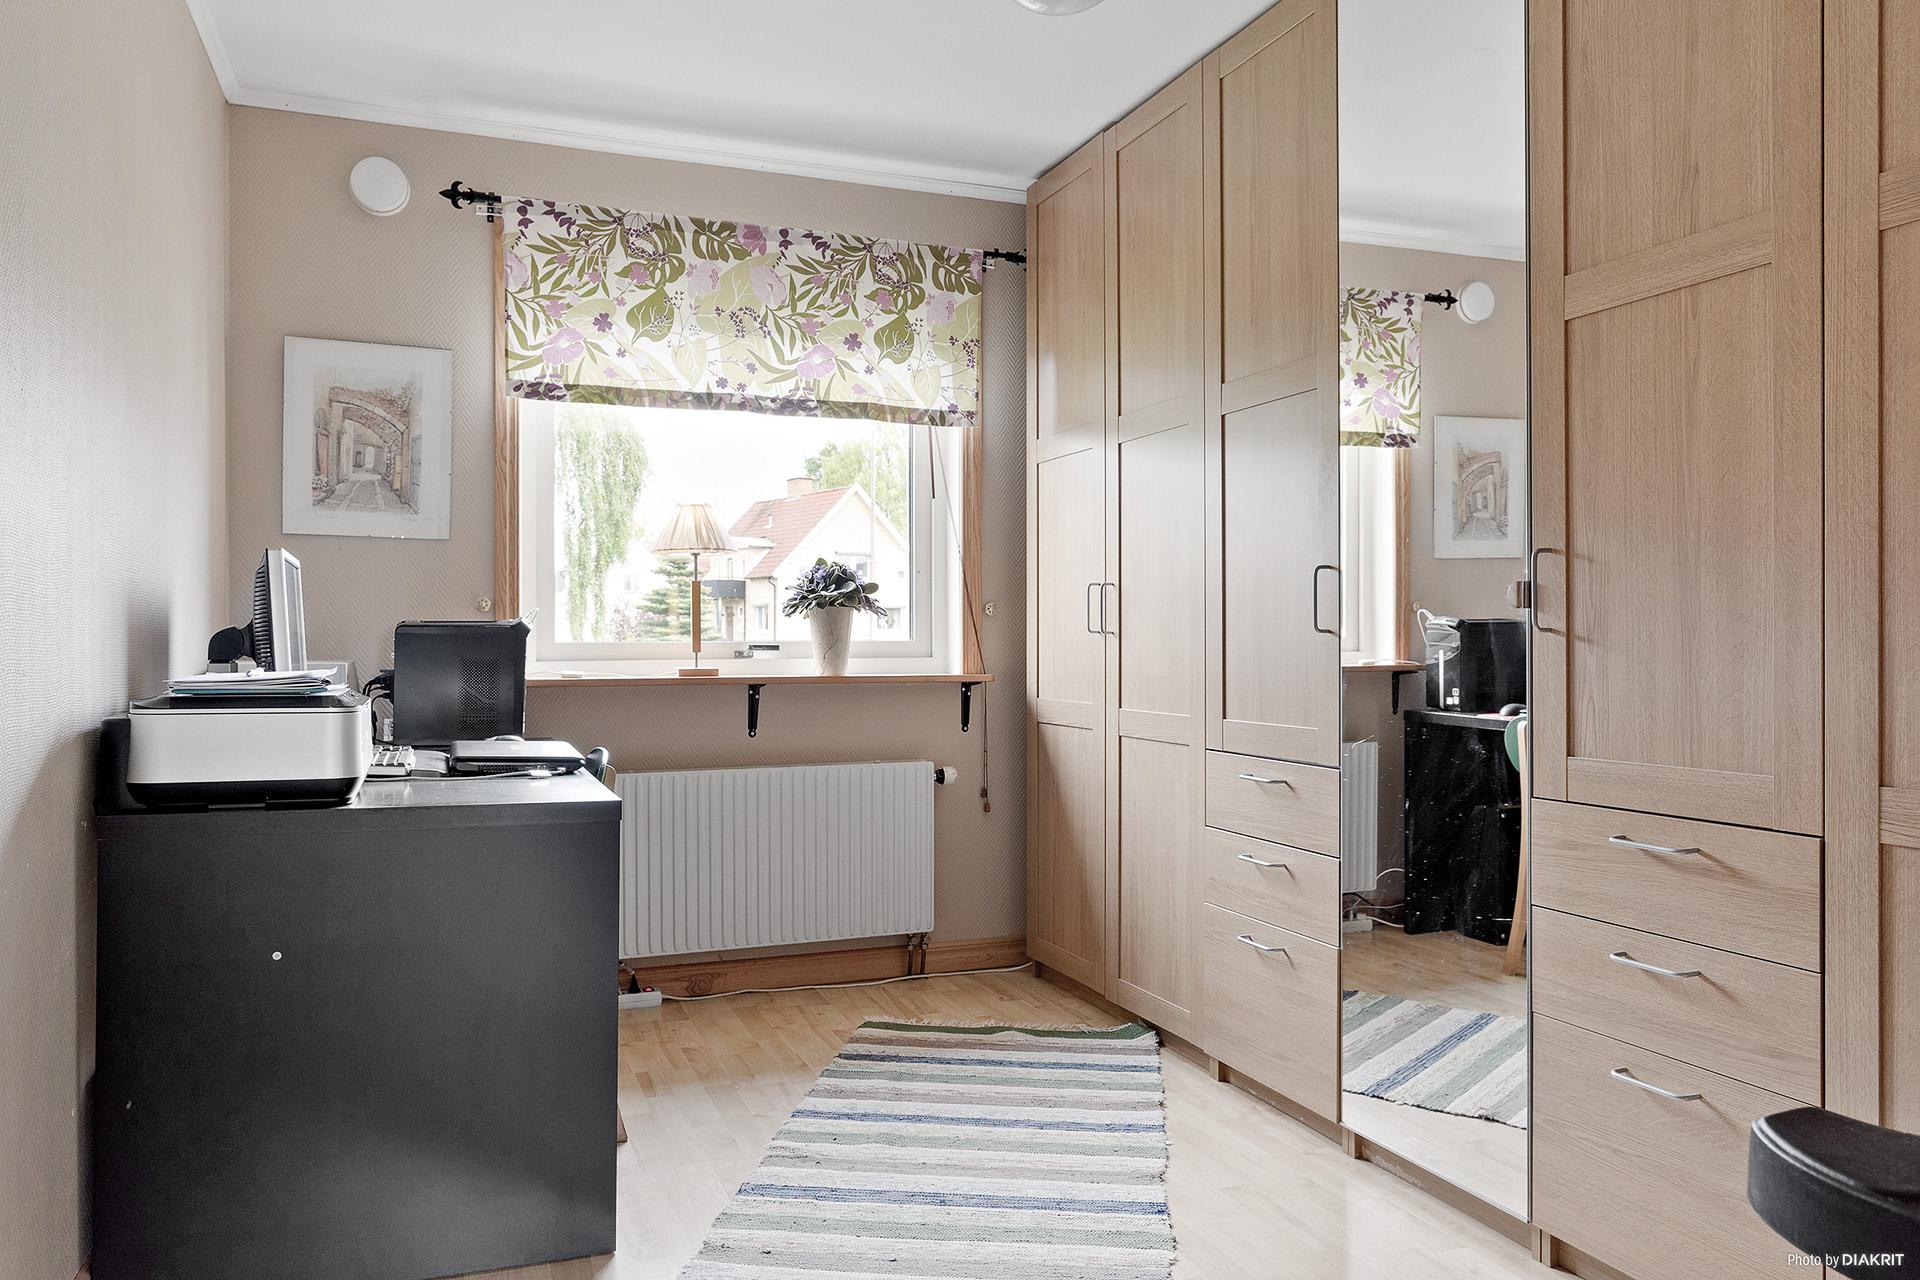 Sovrum/kontor med hel garderobslänga för bra förvaring